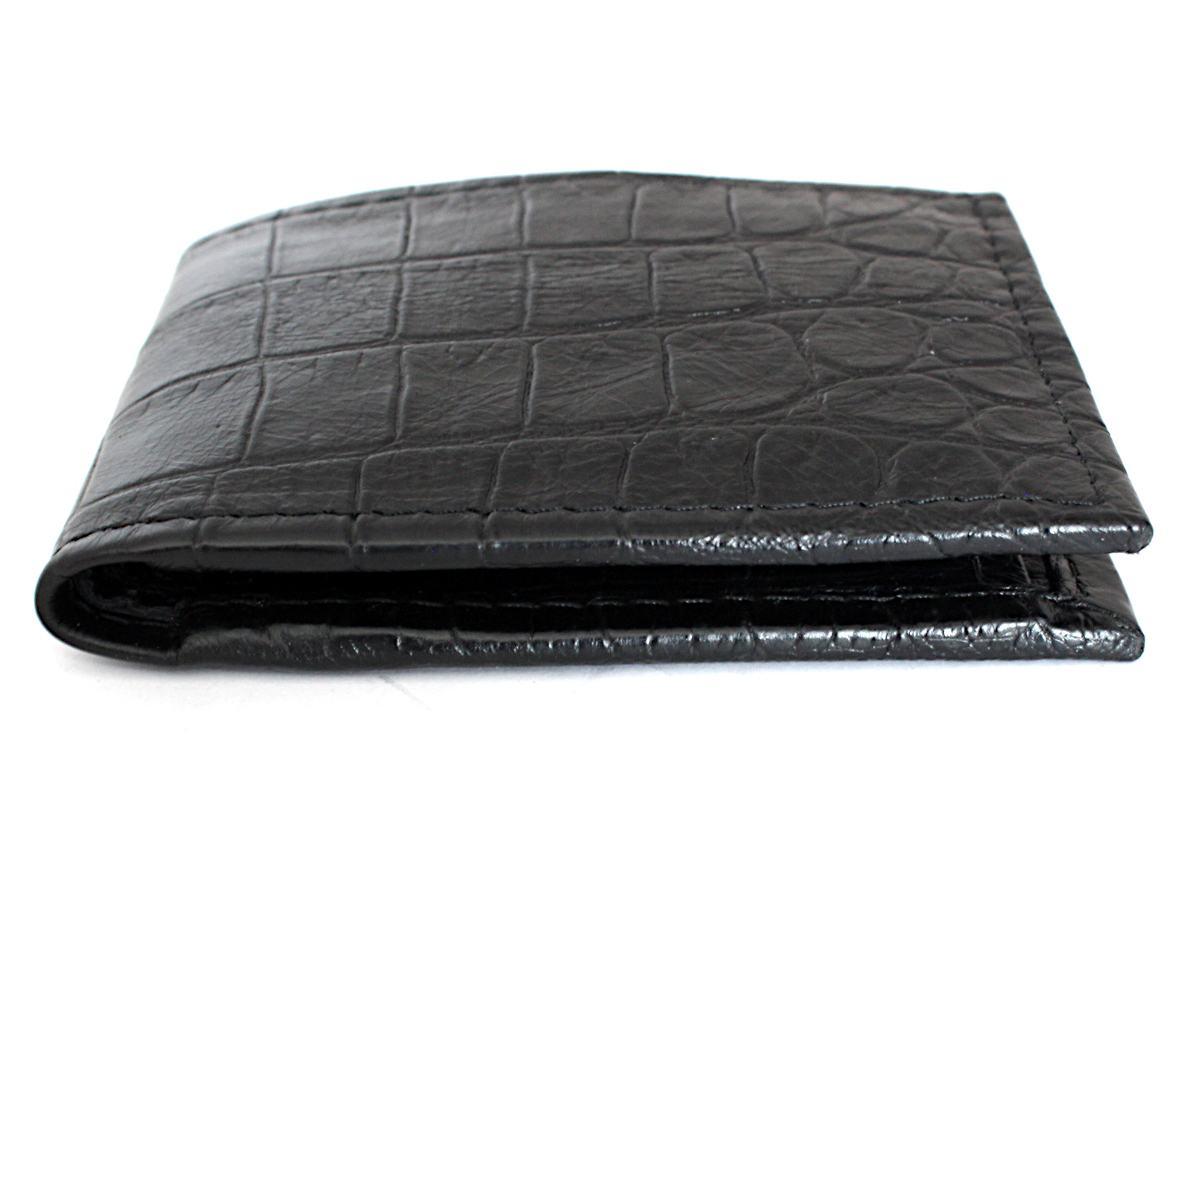 черен мъжки портфейл естествена кожа кроко щампа ръбове